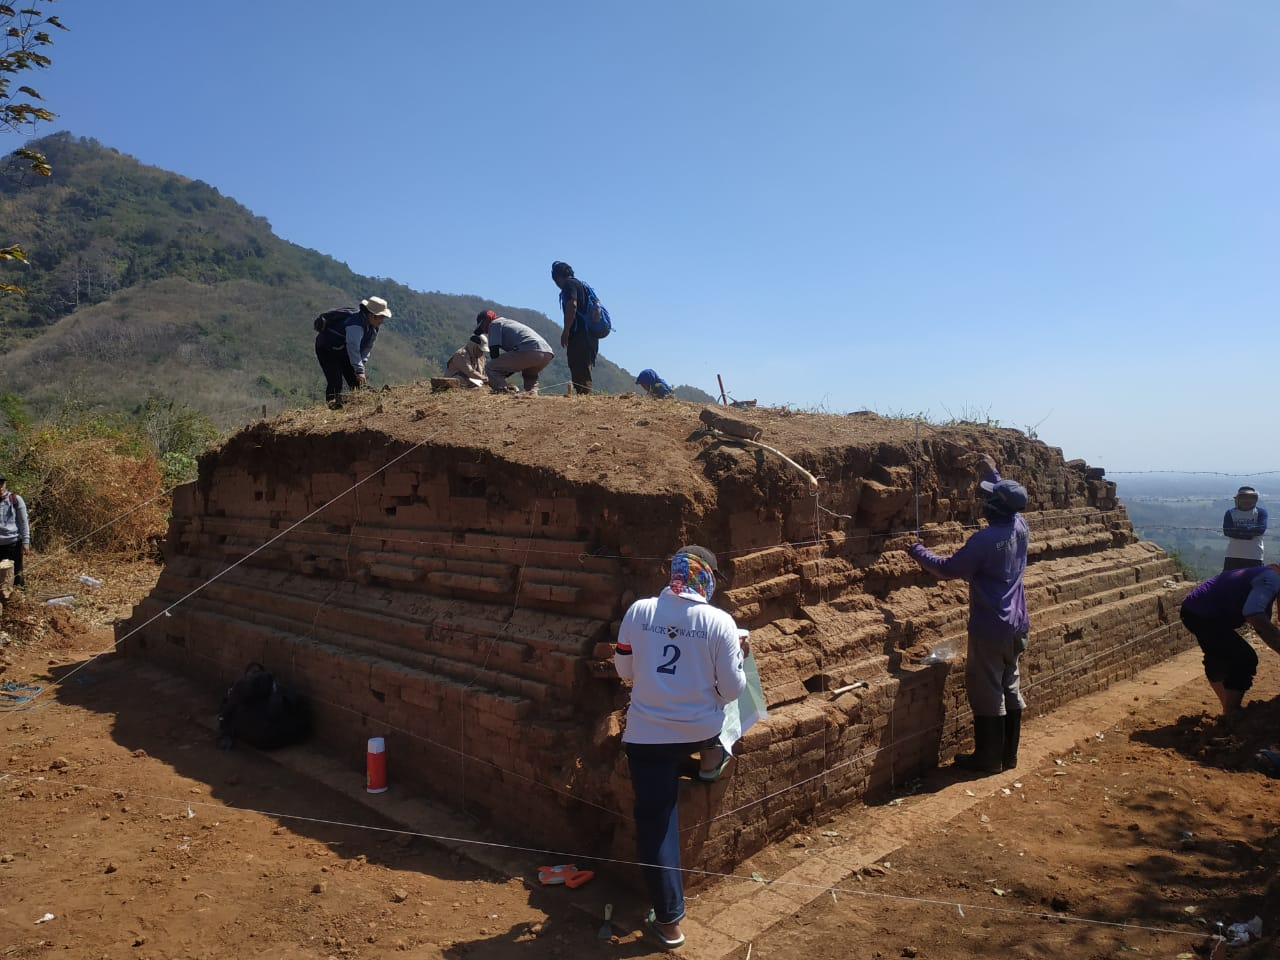 Ditemukan Tempat Pemujaan dilereng Gunung Wilis